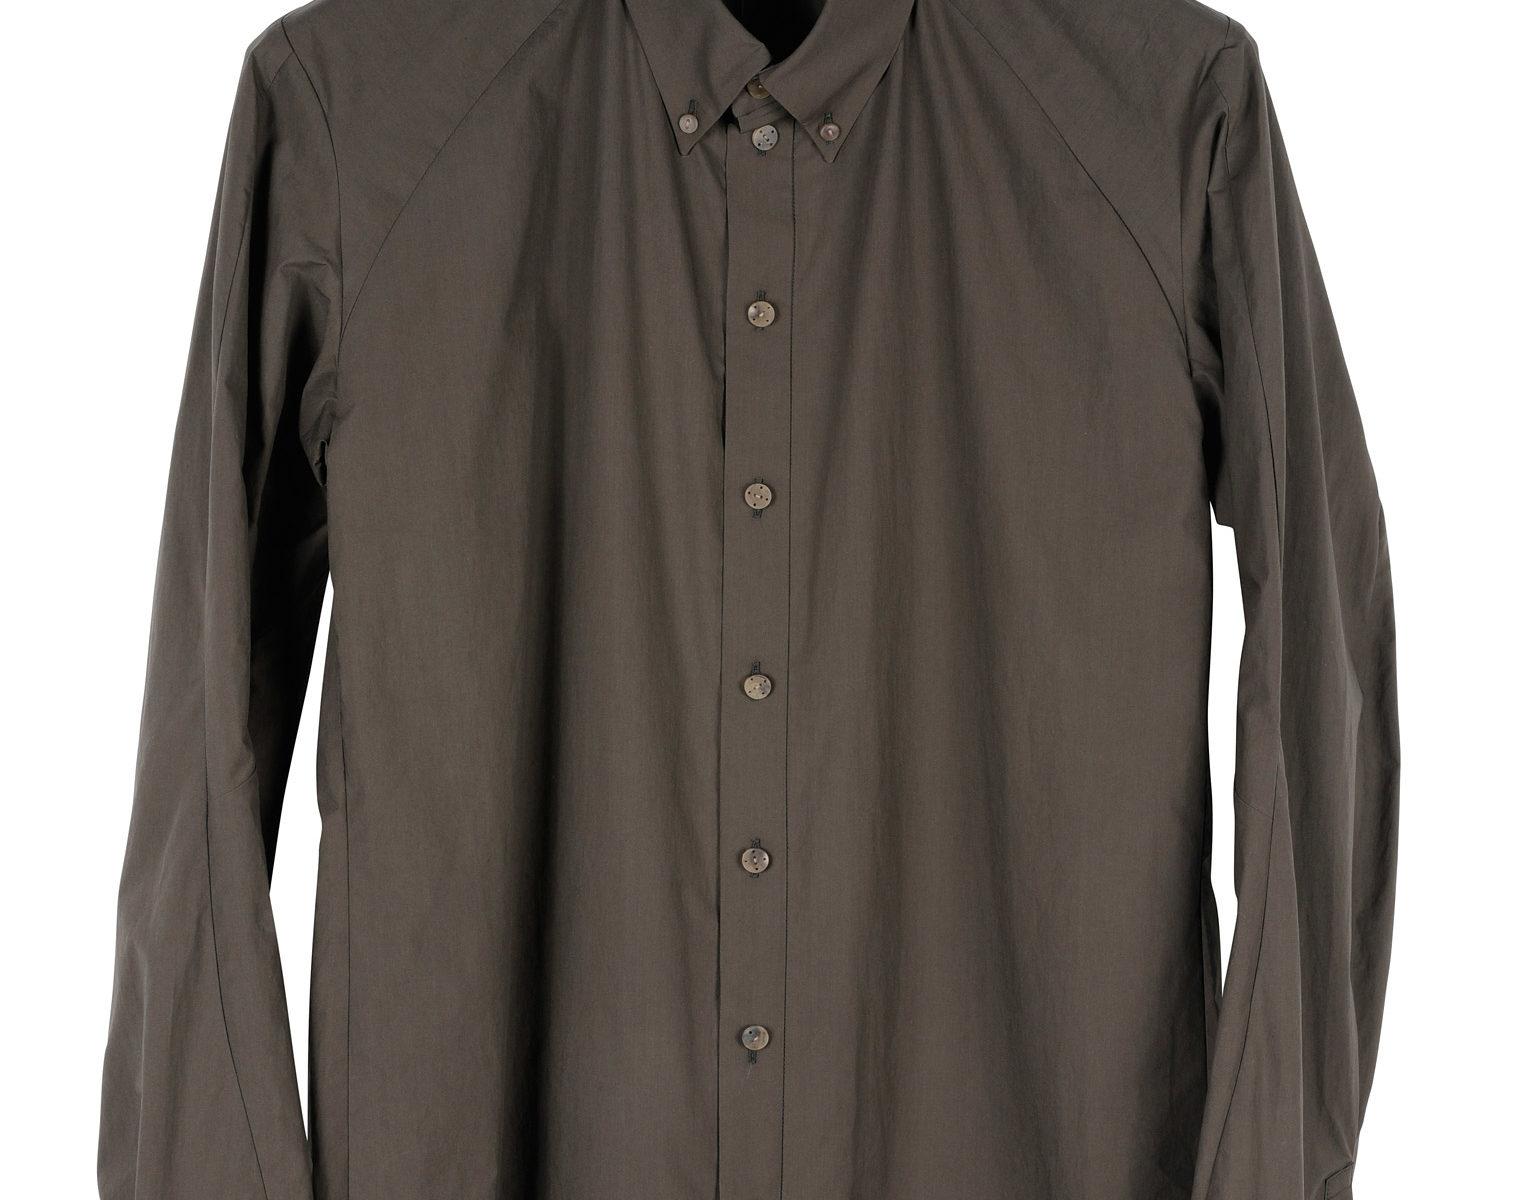 DEVOA Button Down Dress Shirt 01